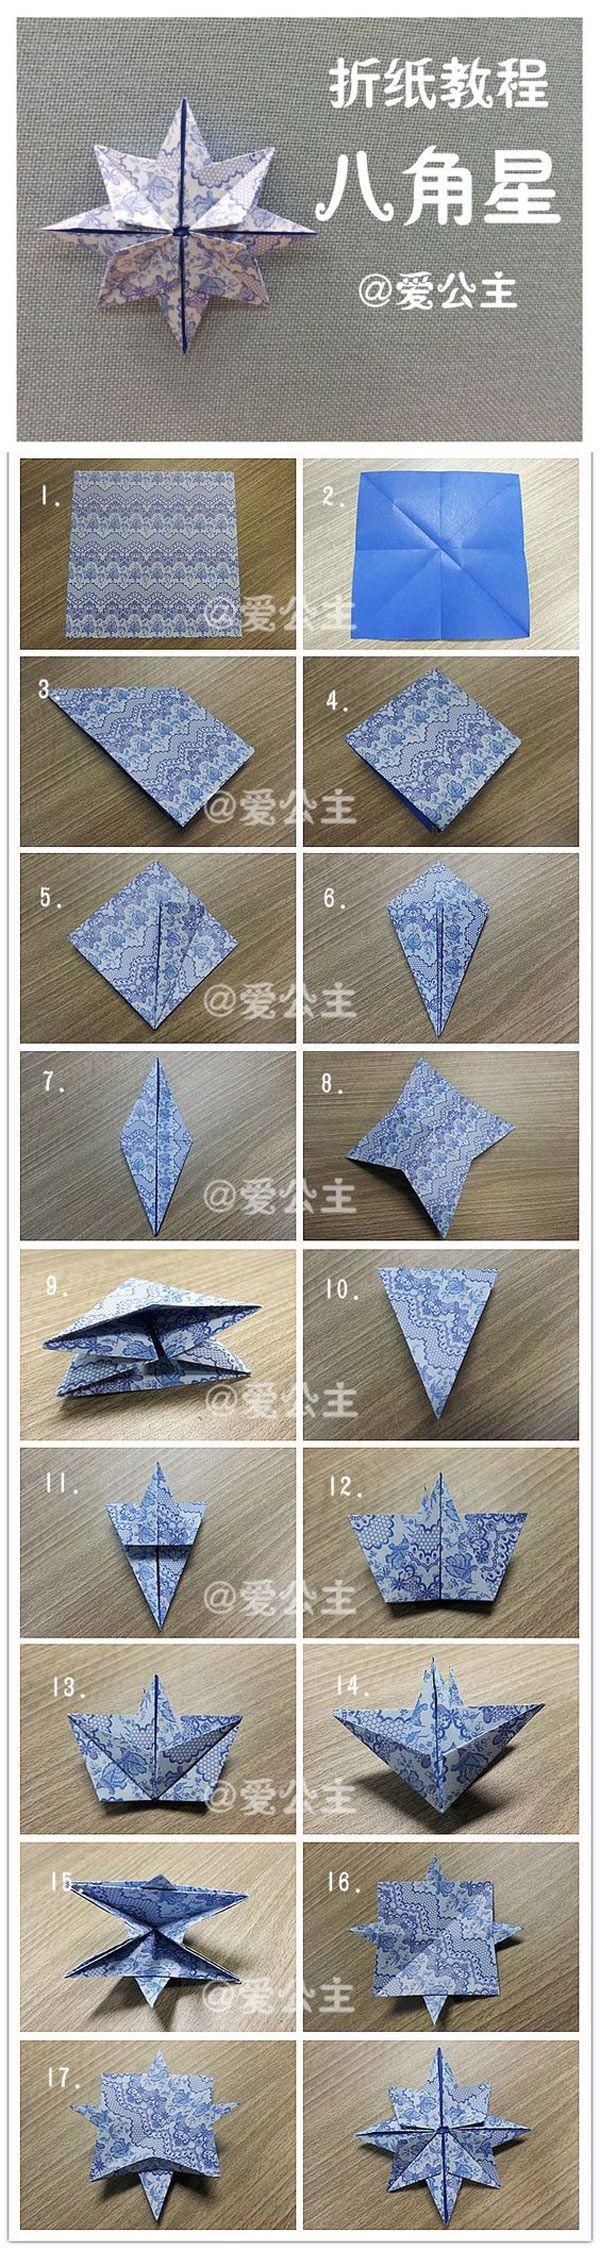 Tutorial para realizar rosa de los vientos con origami